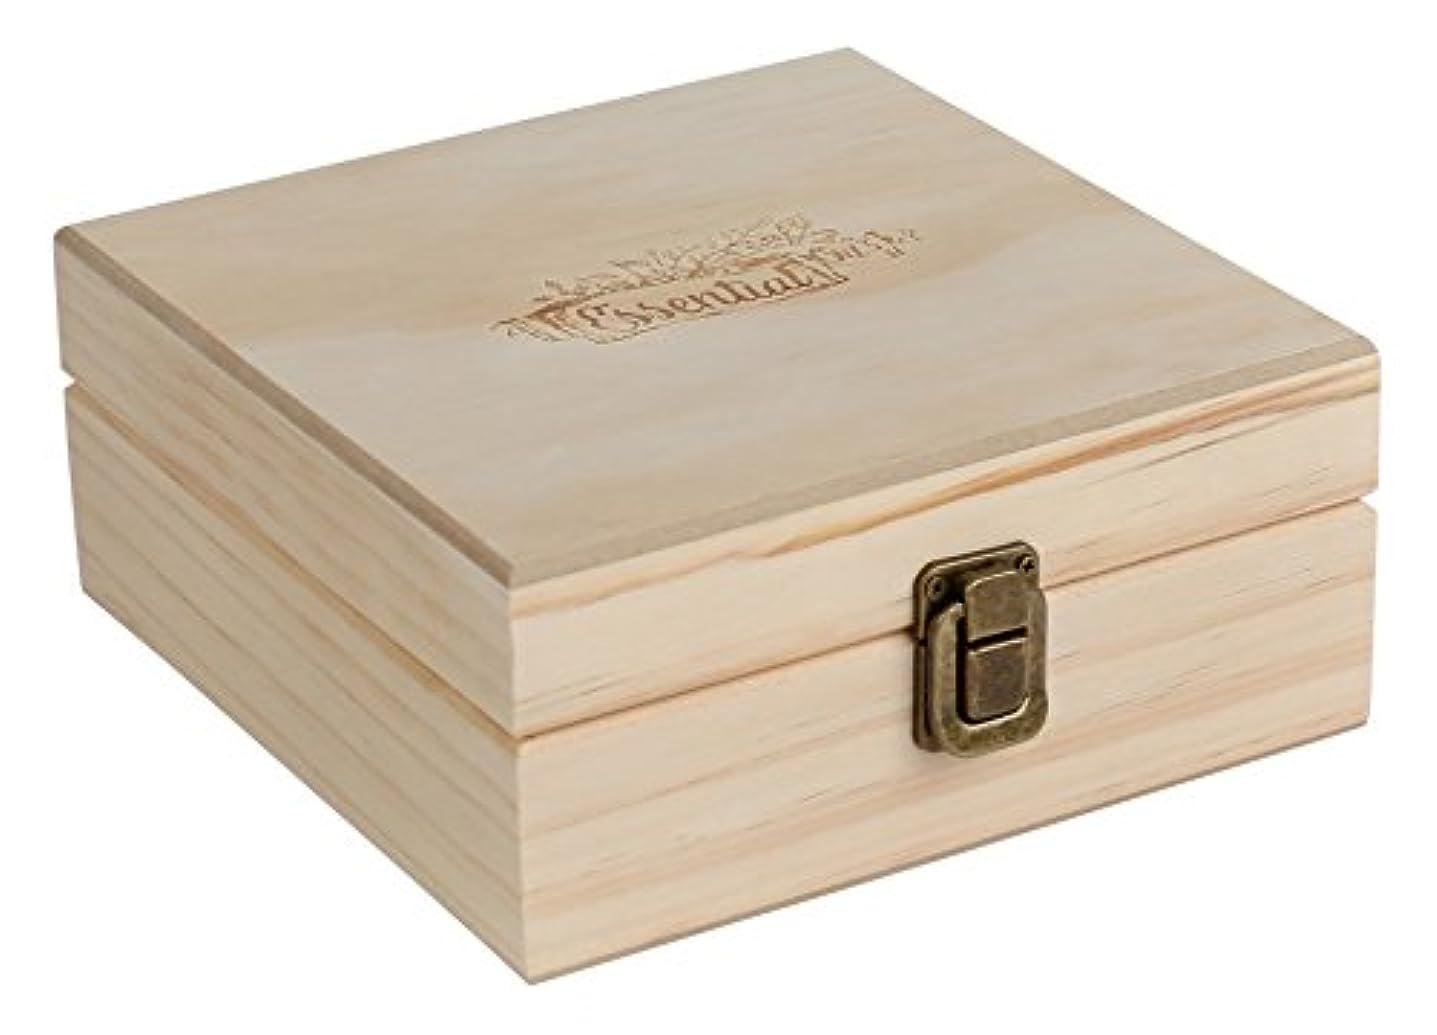 ホステス公爵夫人の頭の上汎用ロゴ/ W木箱ケース、25本のボトル(5-15 mL)を